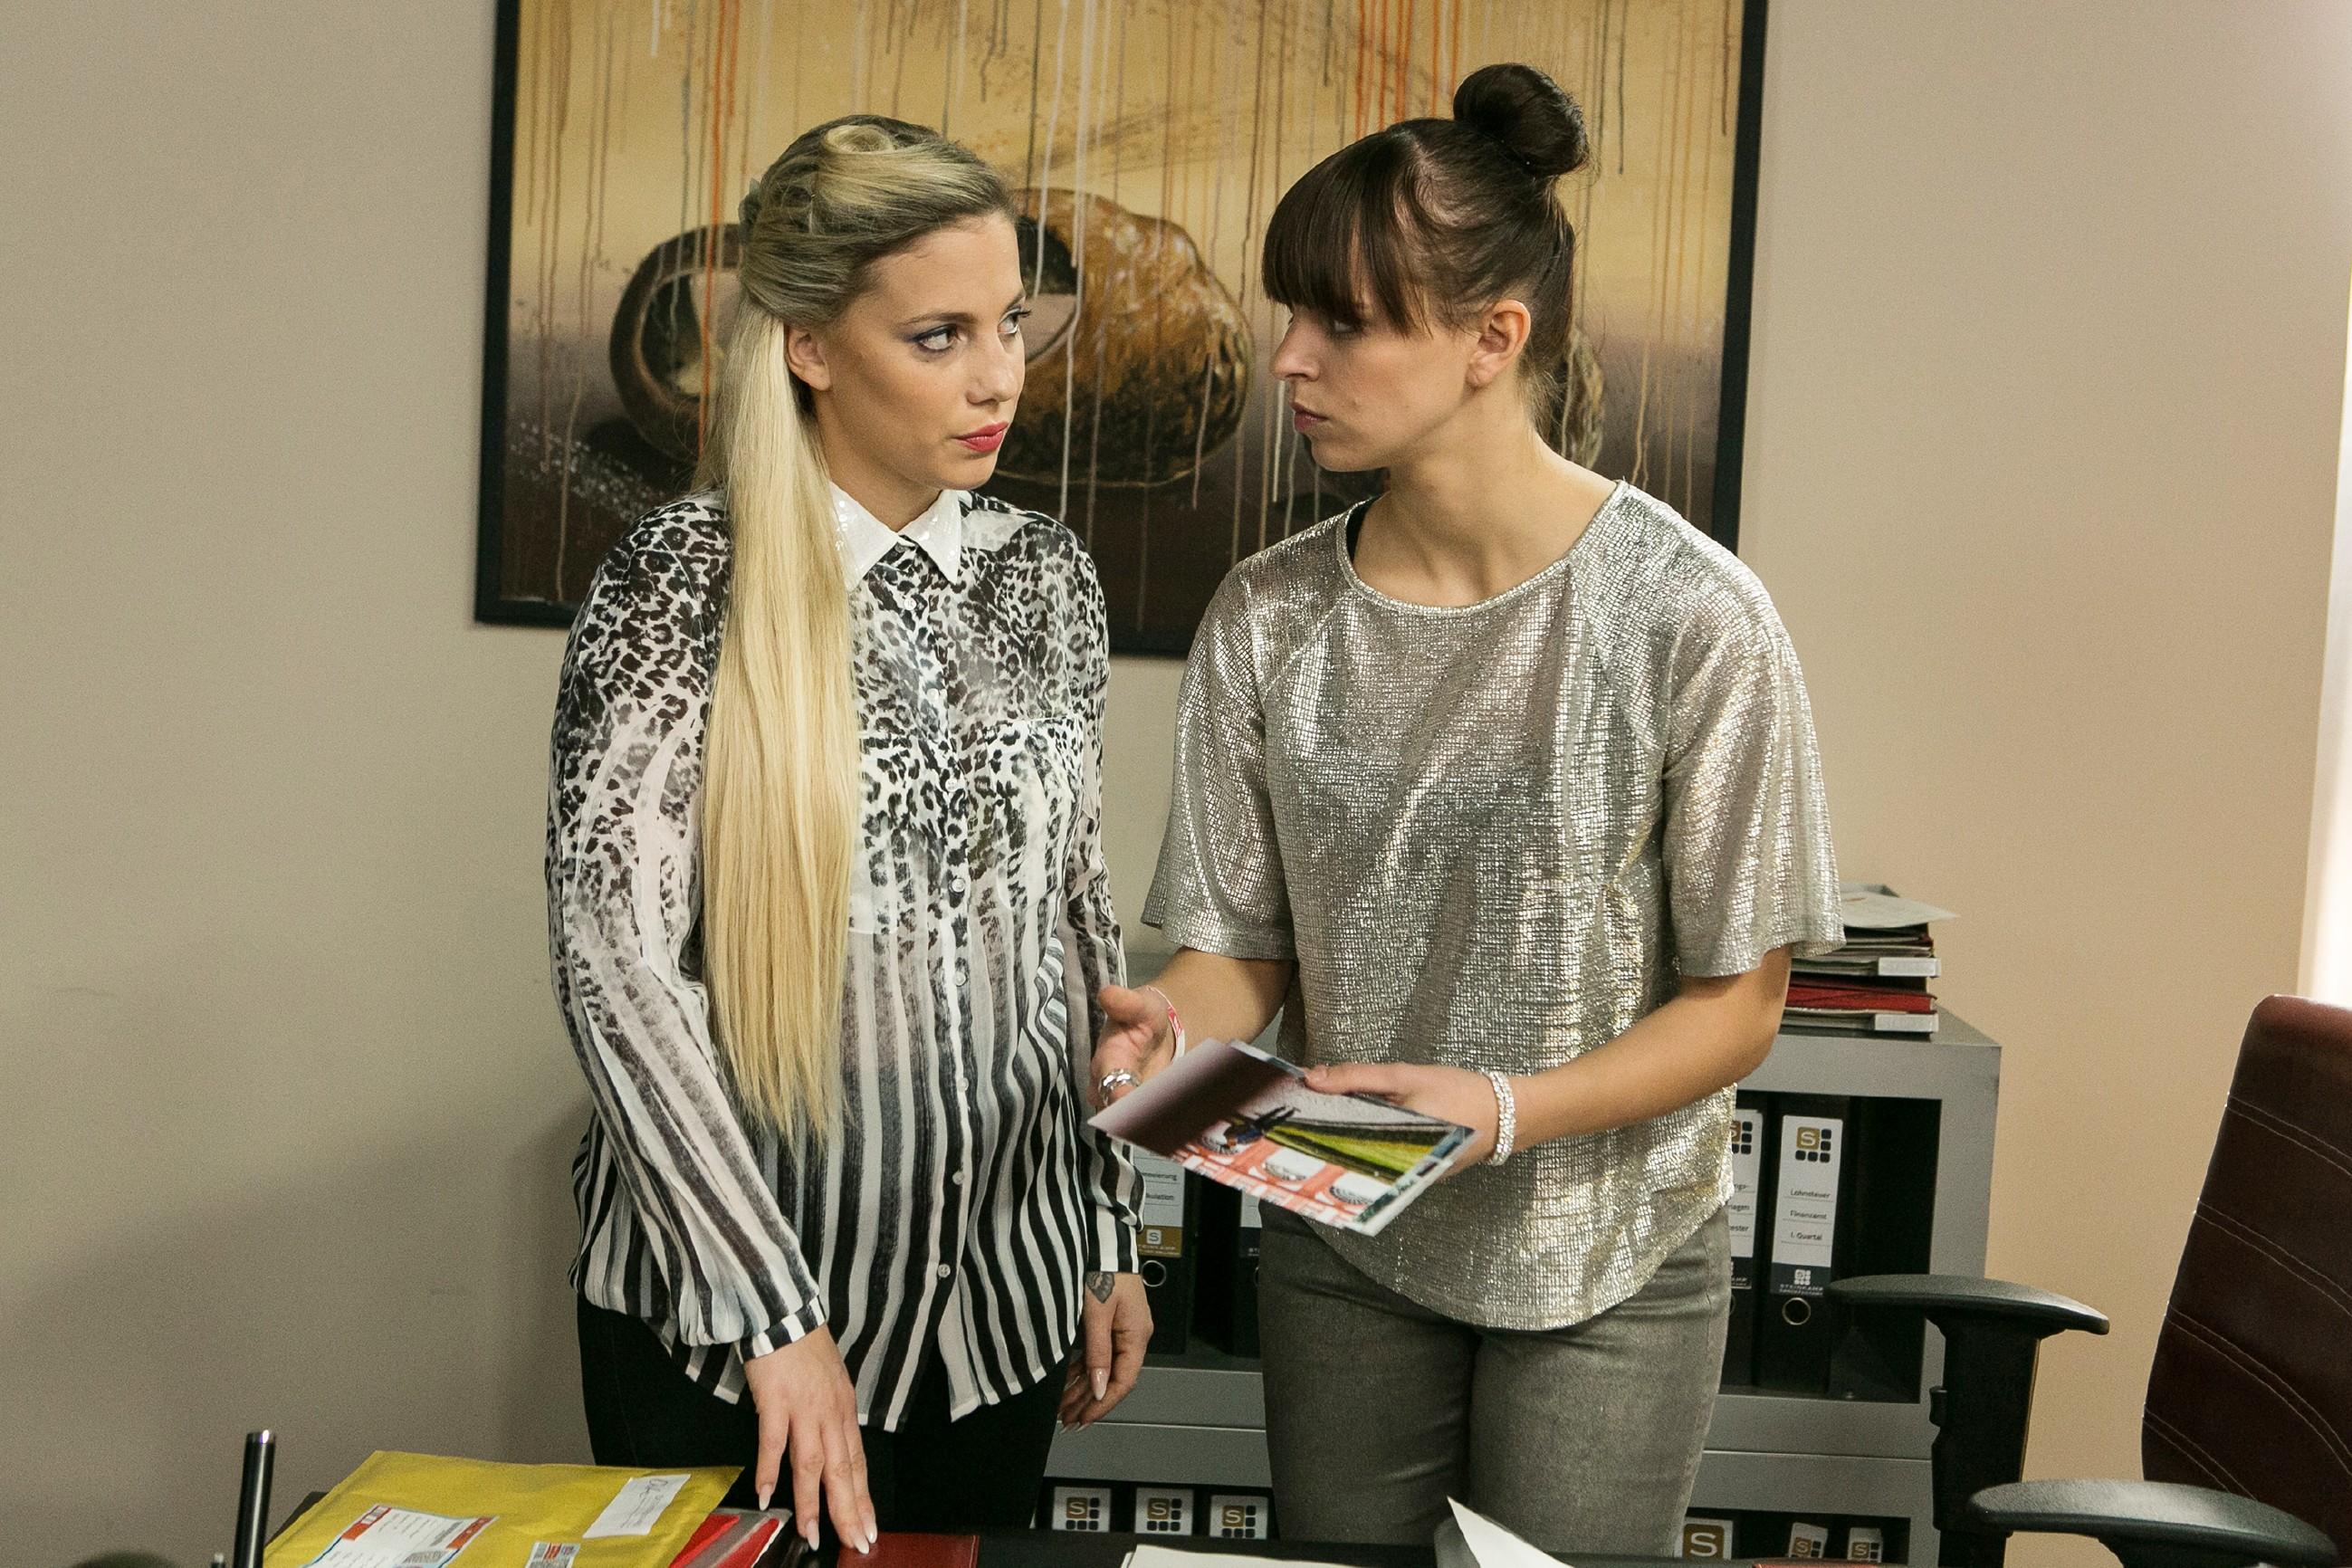 Michelle (Franziska Benz, r.) erfährt im Beisein von Iva (Christina Klein) getroffen, dass es sich Vincent in einer Privatklinik gut gehen lässt. (Quelle: RTL / Kai Schulz)